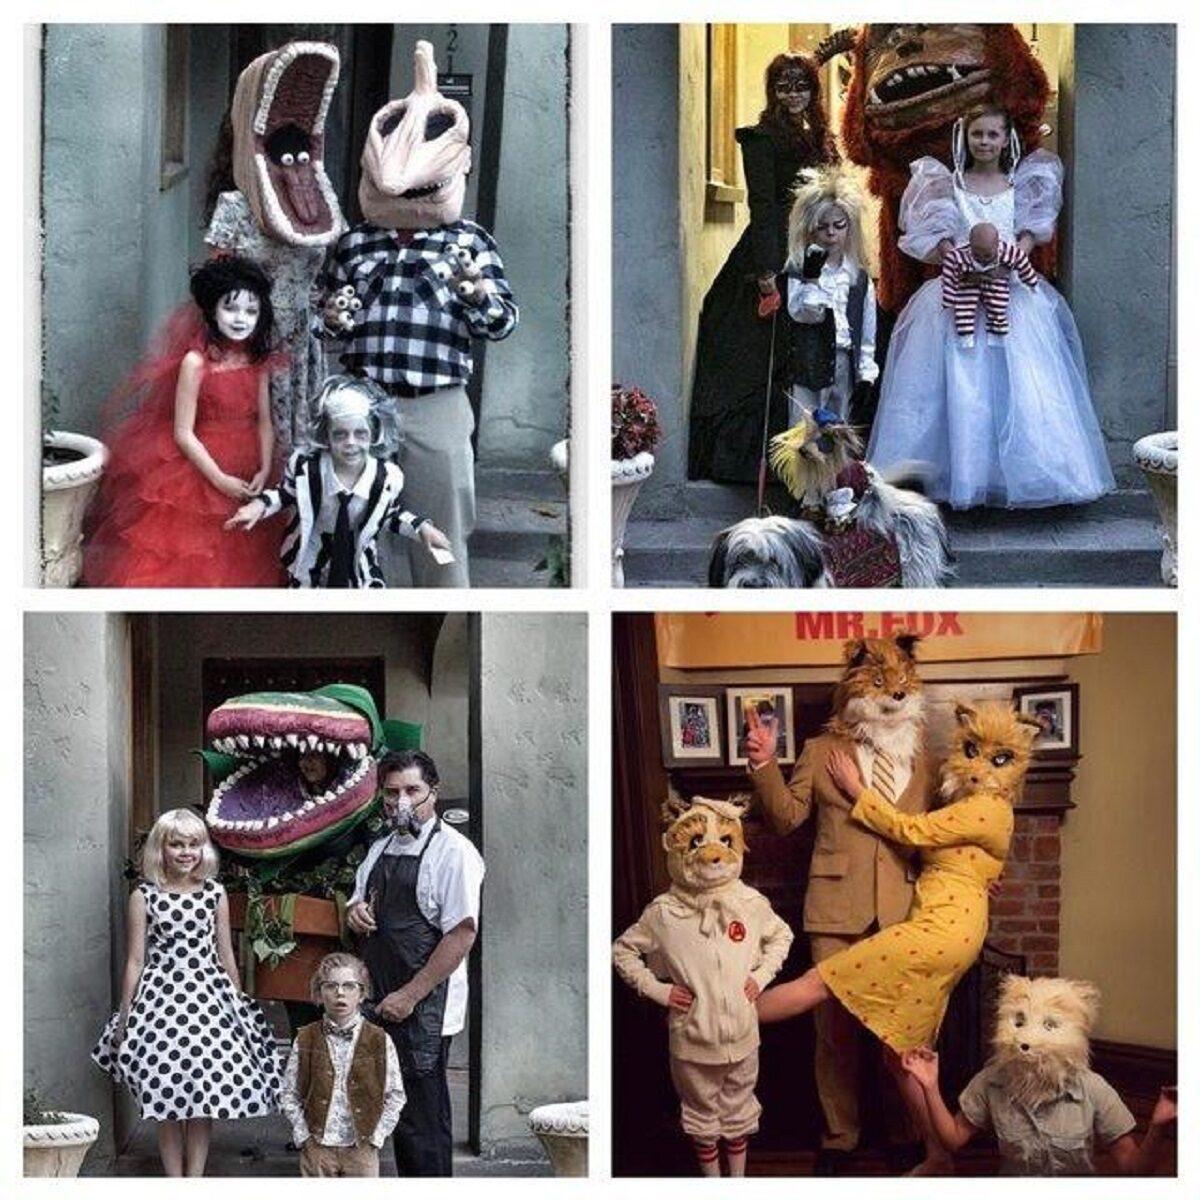 Fantasias de Halloween confira algumas opcoes para se inspirar 52